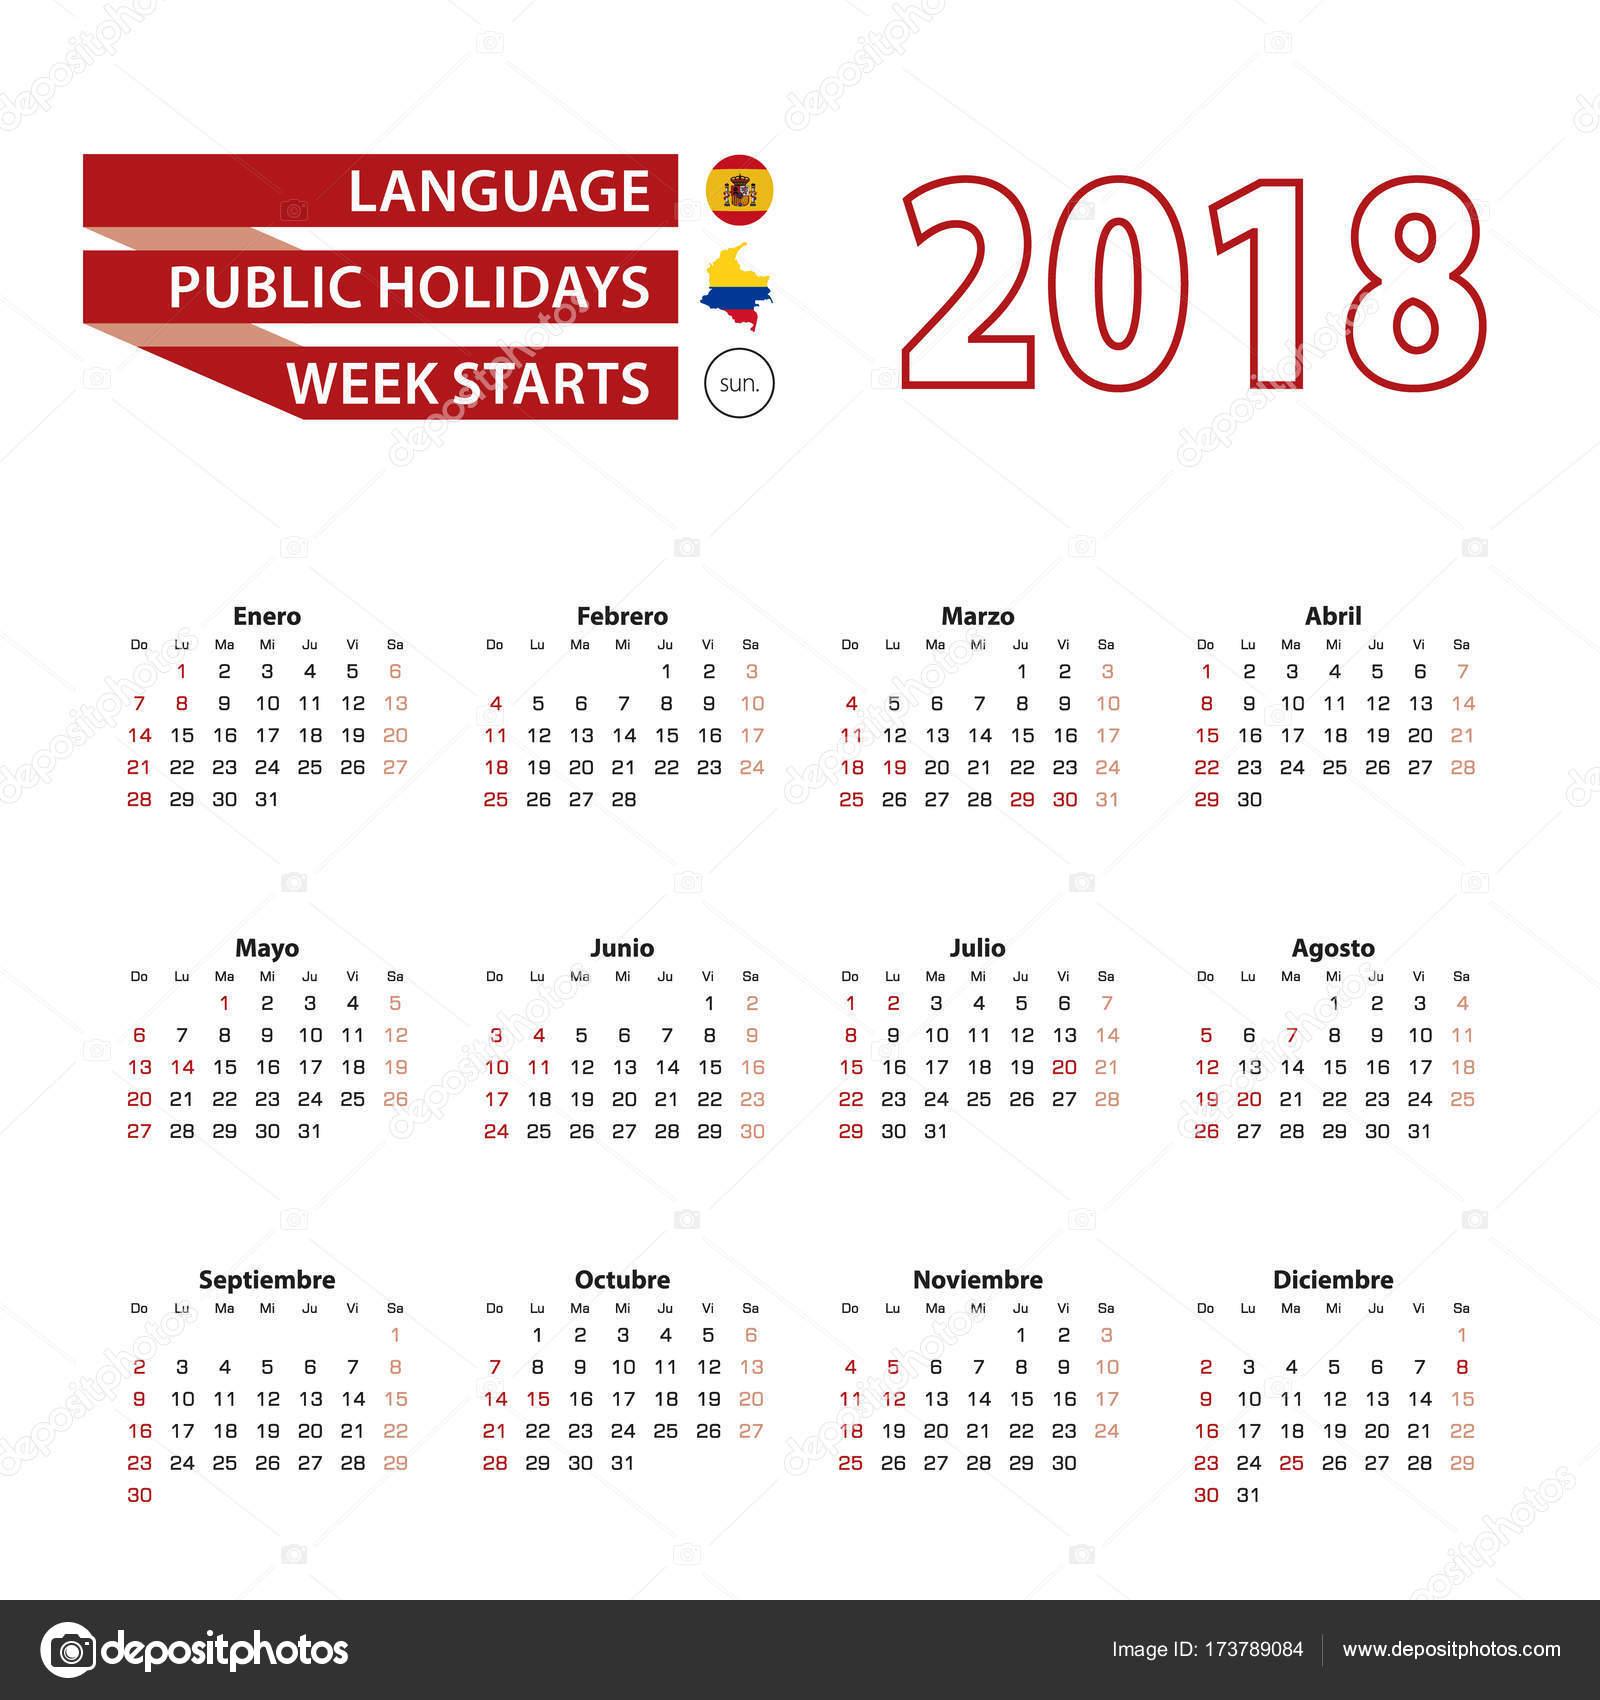 Calendario Colombiano.Imagenes Calendario 2018 Colombia En Ingles Calendario